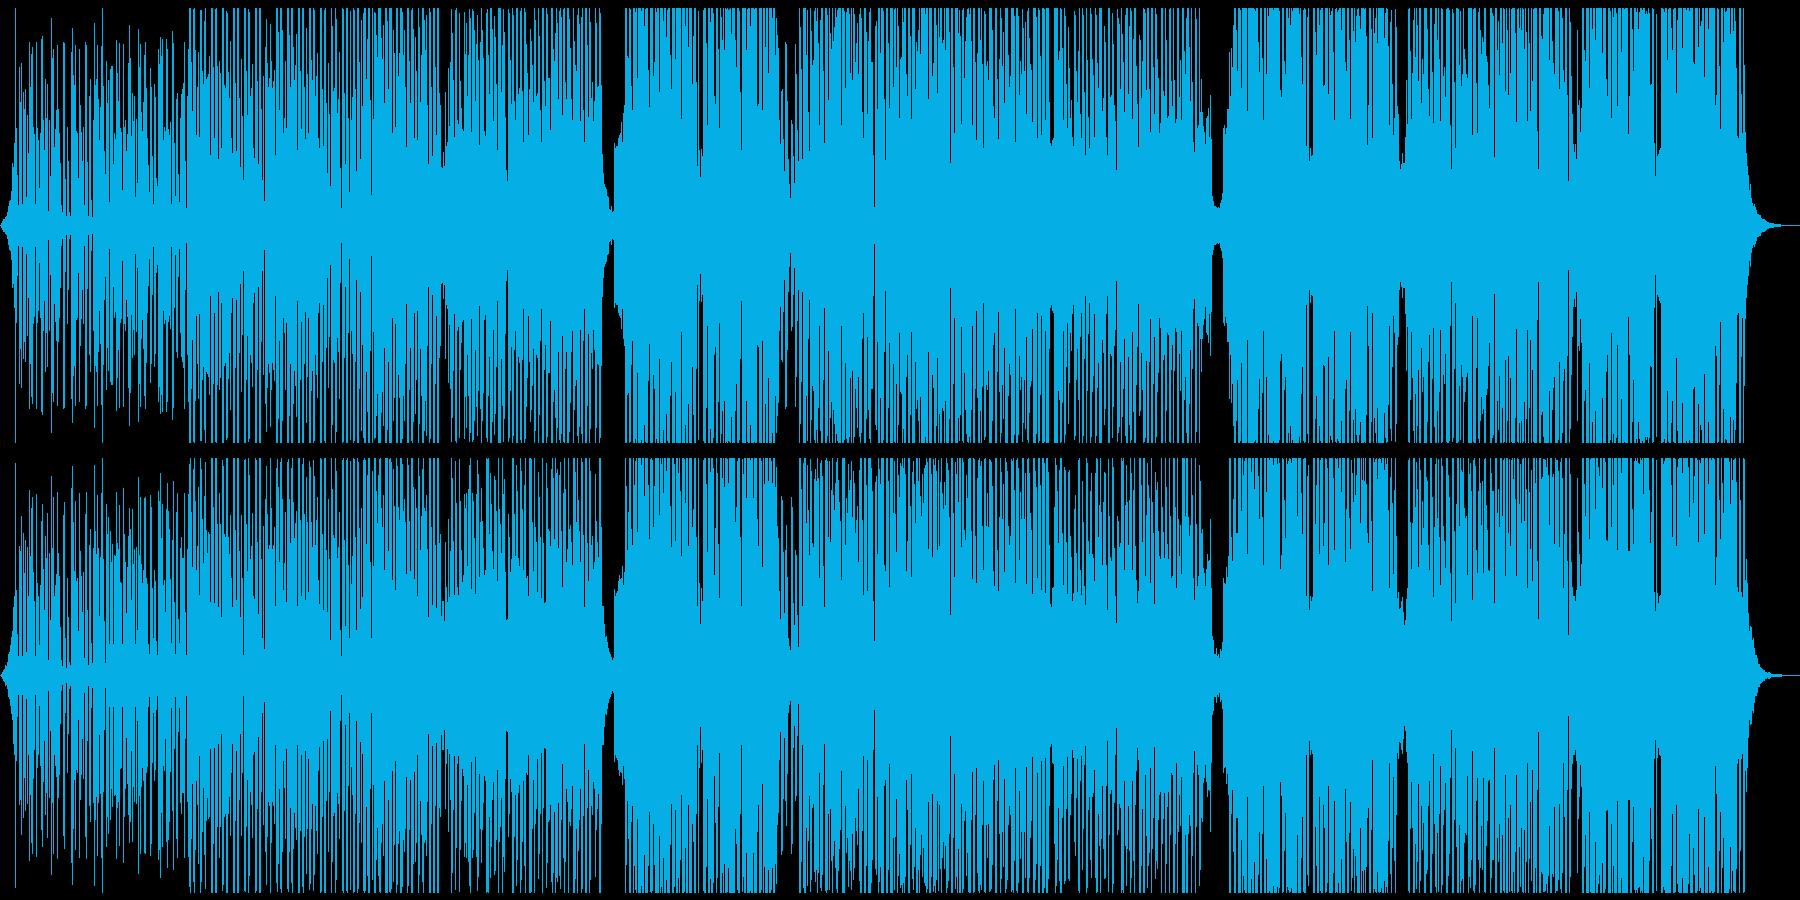 ほのぼの、可愛い、でもカッコイイの再生済みの波形